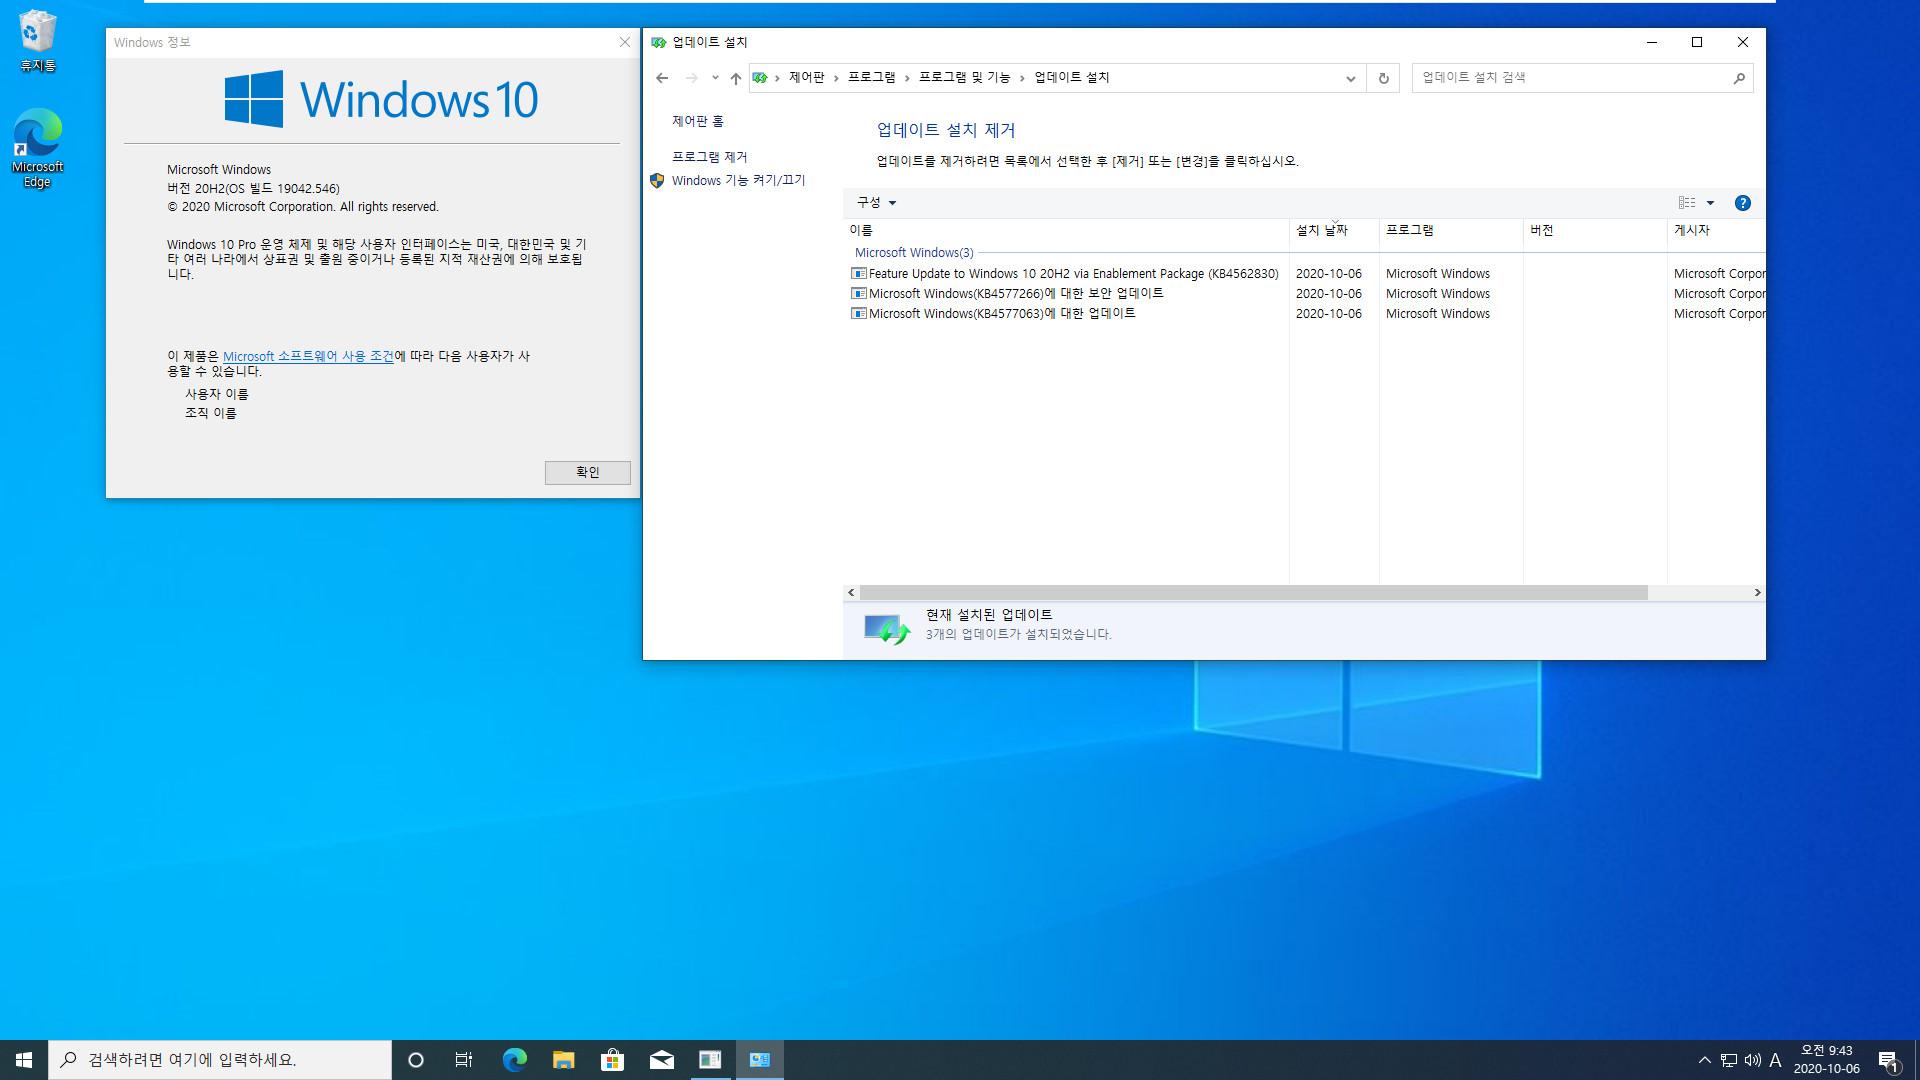 버전 2004 (20H1)에서 버전 2009 (20H2) 업그레이드하기 - 누적 업데이트와 서비스 스택이 설치되어 있지 않은 경우 2020-10-06_094343.jpg